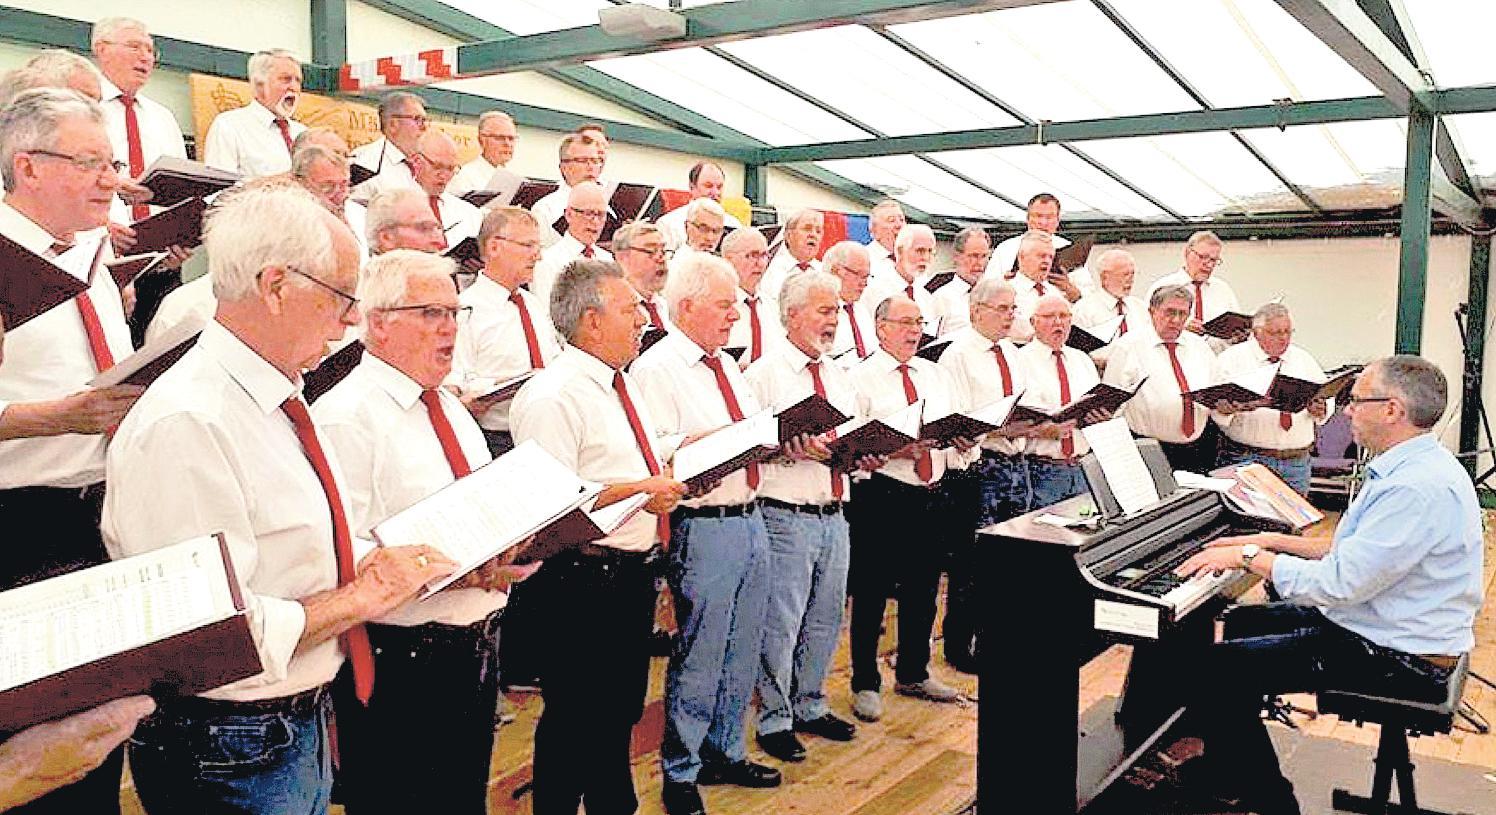 Der Chor verfügt über ein abwechslungsreiches Repertoire.